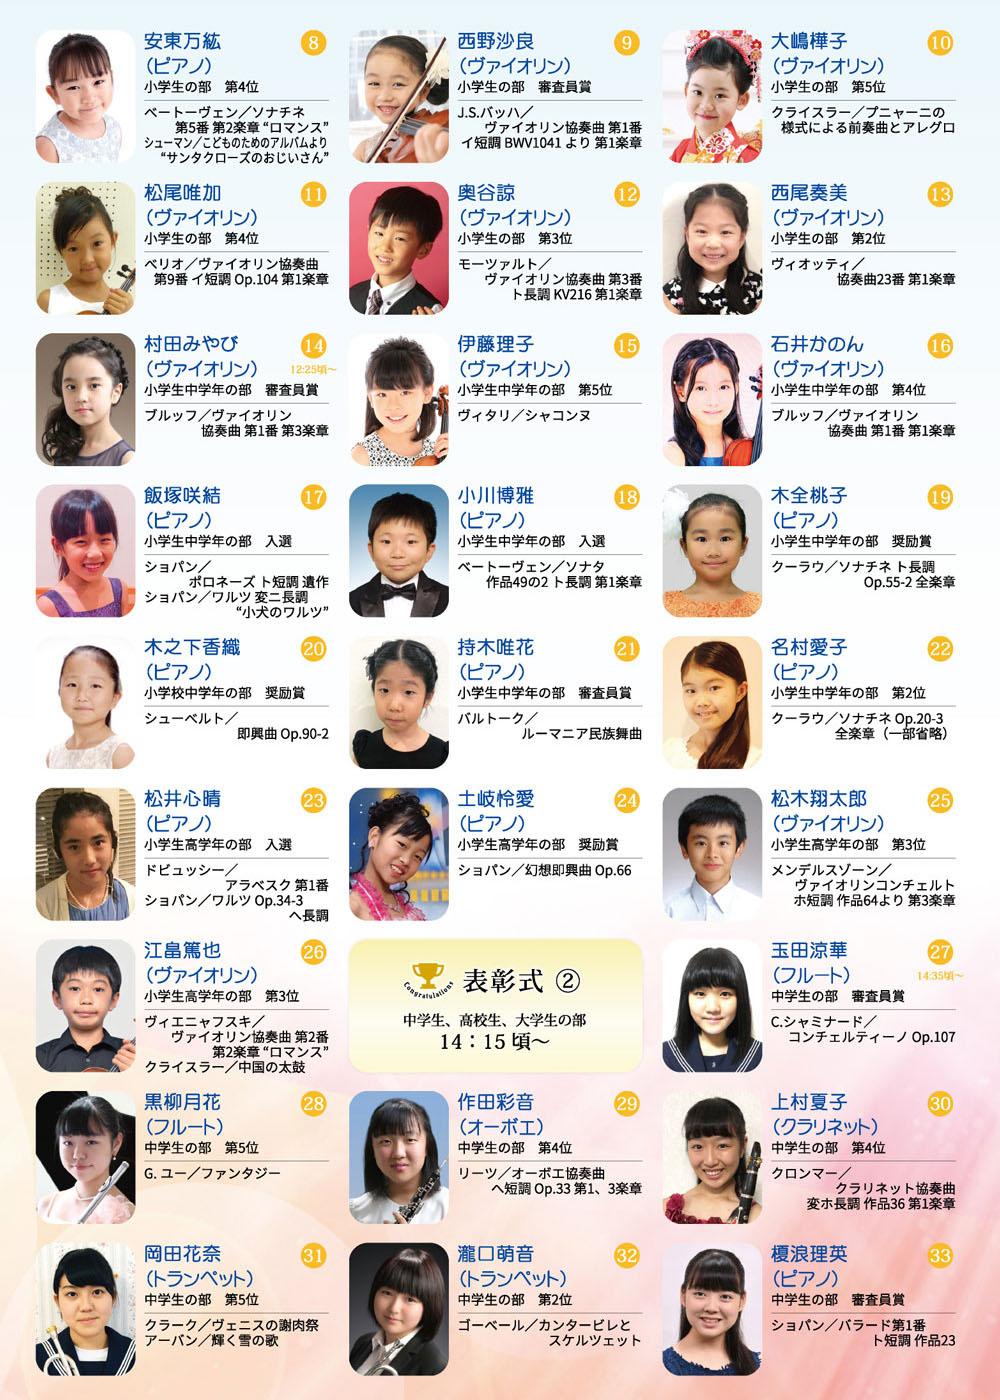 コンクール 全日本 ジュニア クラシック